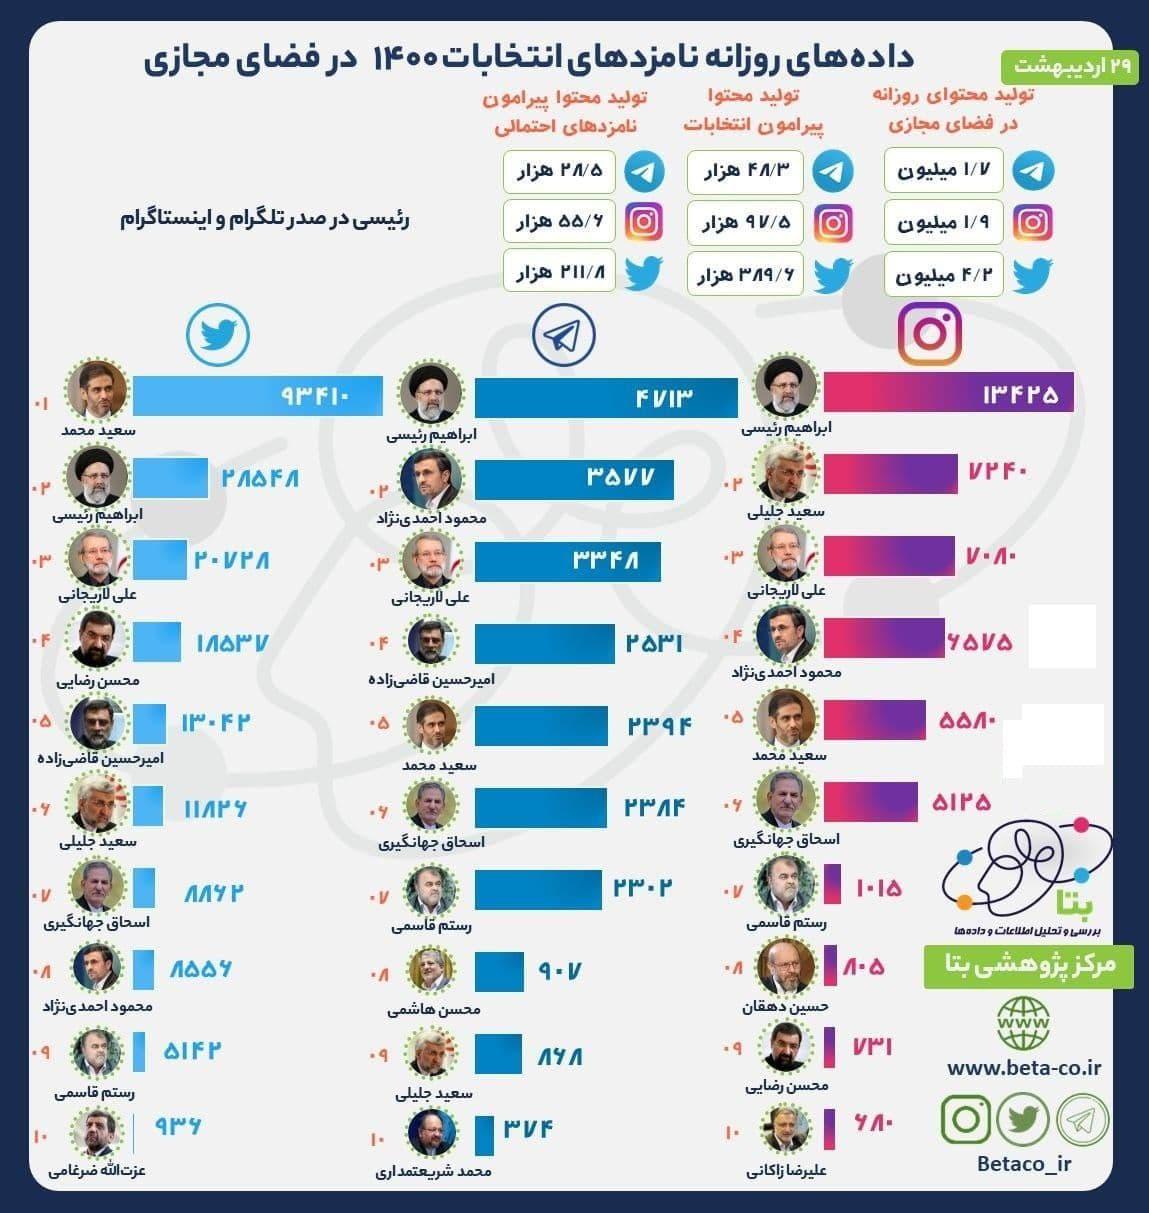 رقابت داوطلبان ریاست جمهوری در فضای مجازی داغ میشود